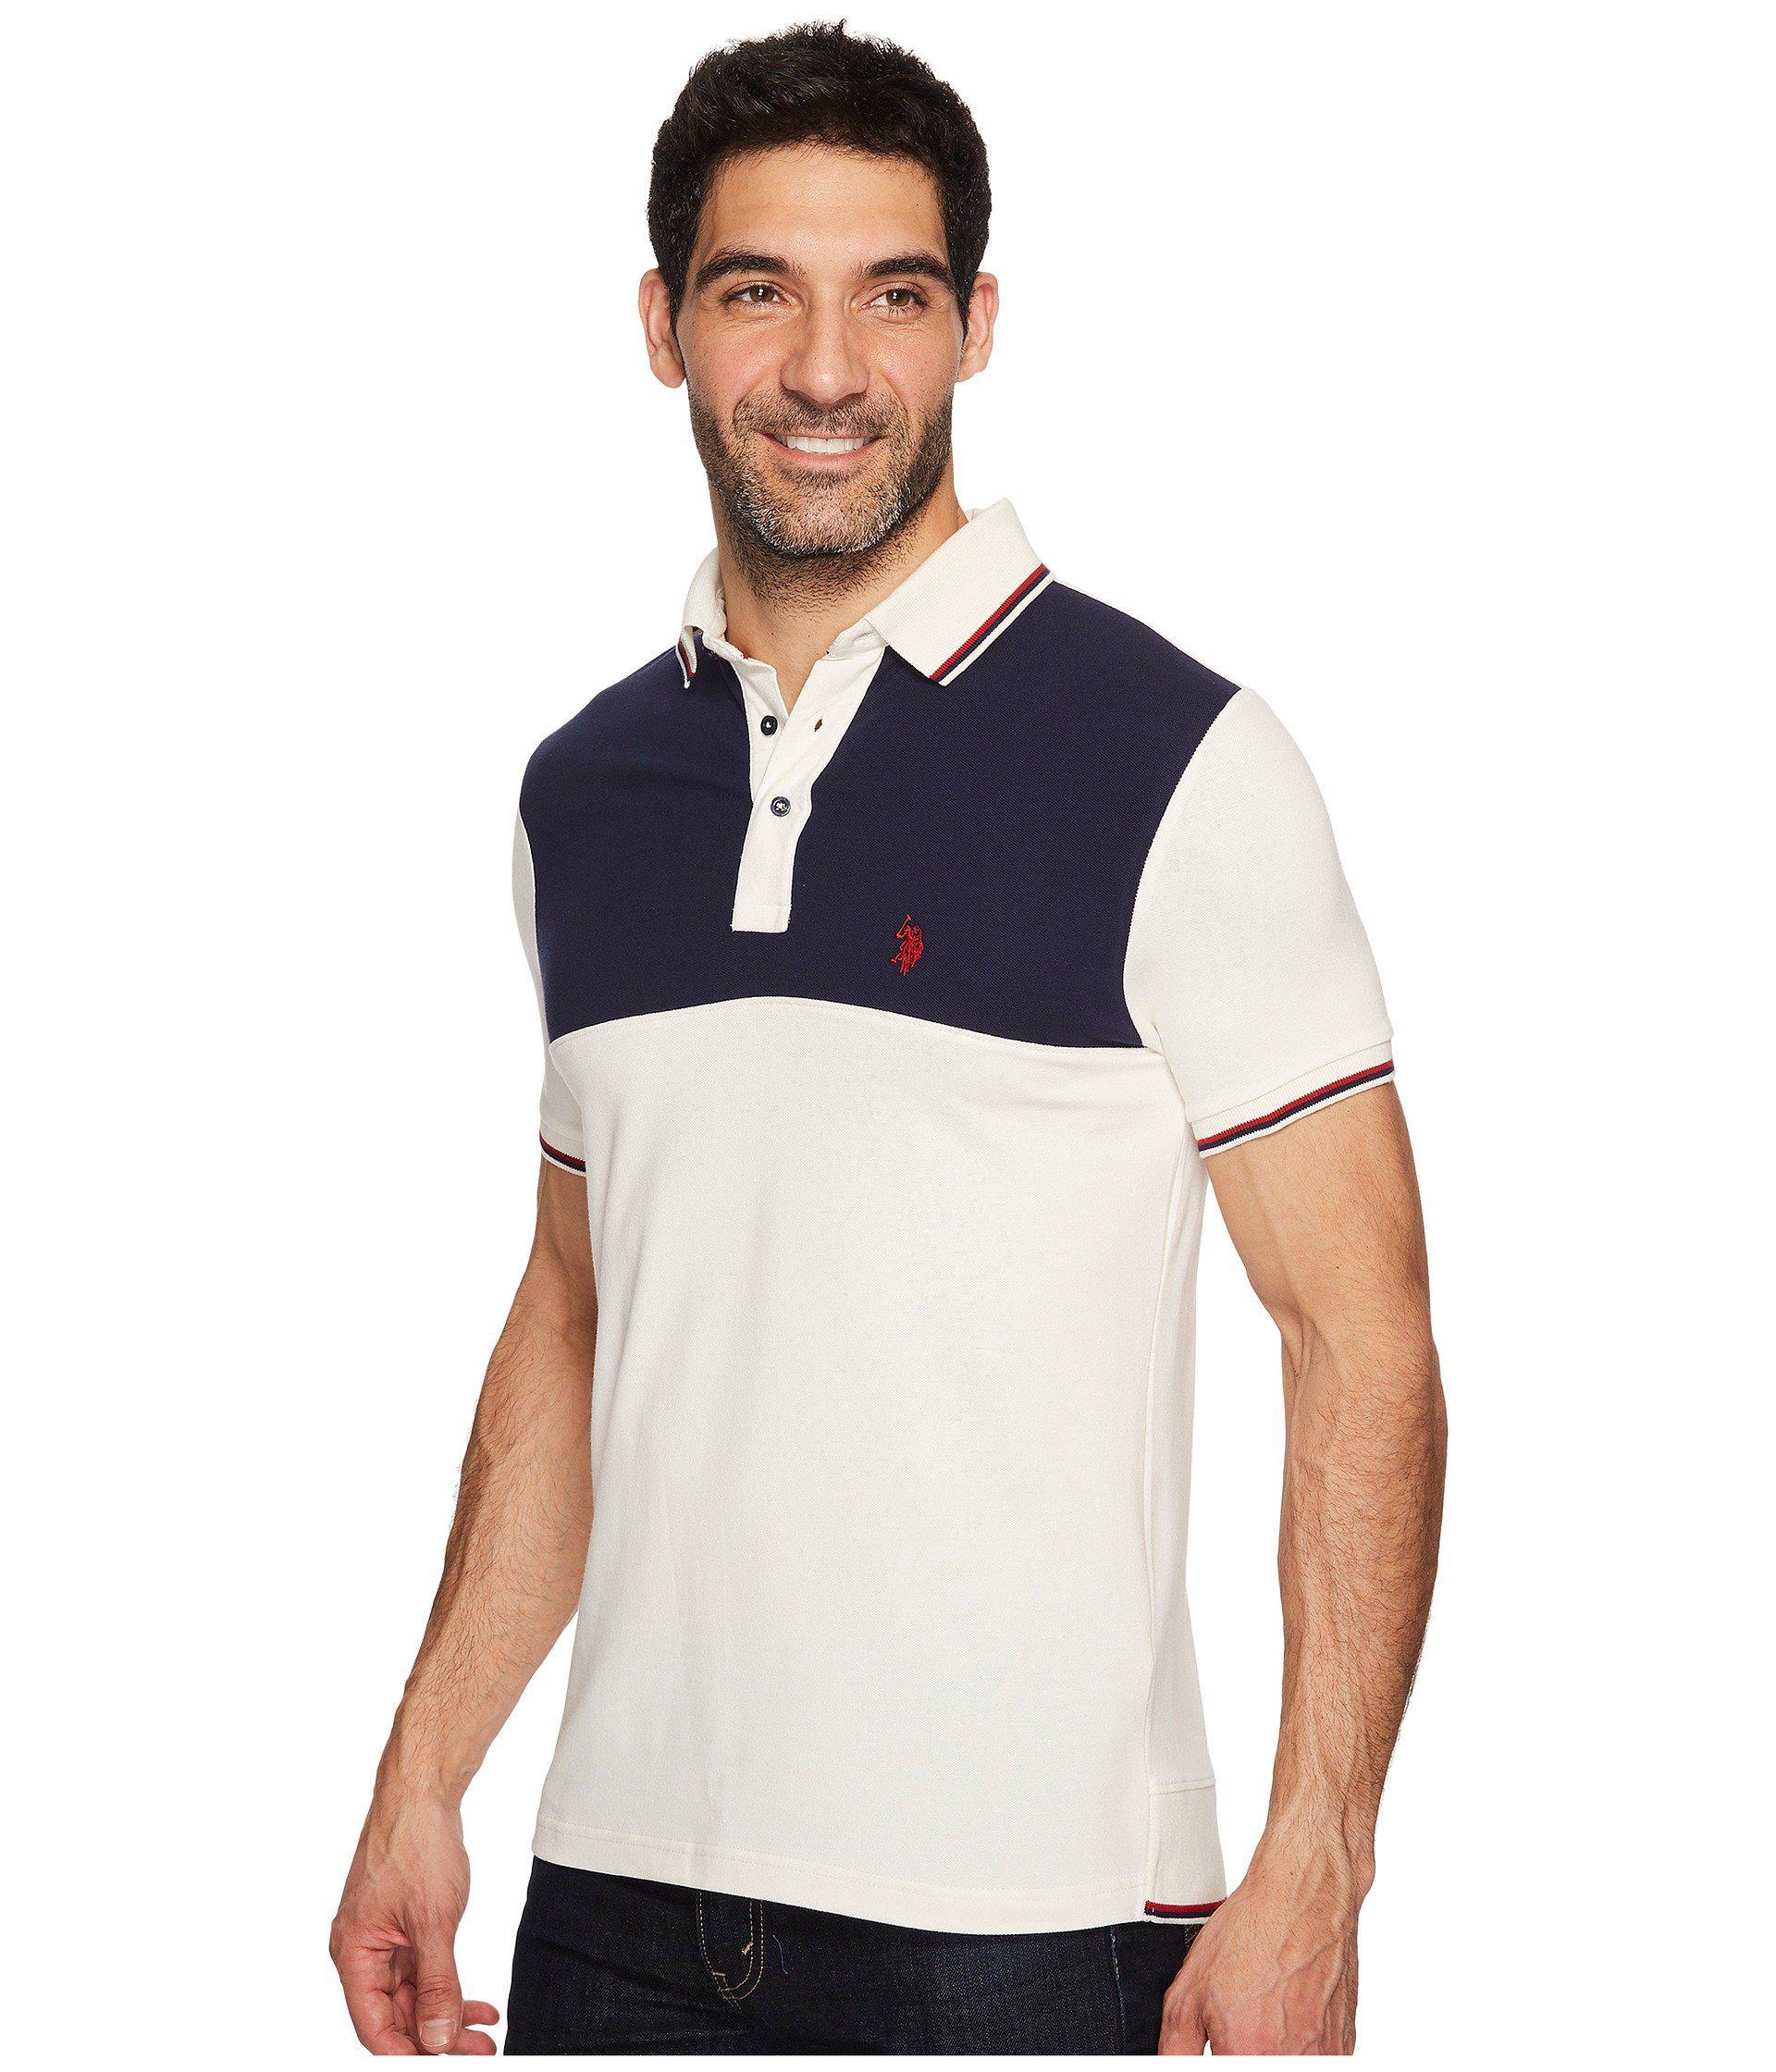 1dabd1b91464 Lyst - U.S. POLO ASSN. Slim Fit Color Block Short Sleeve Stretch ...